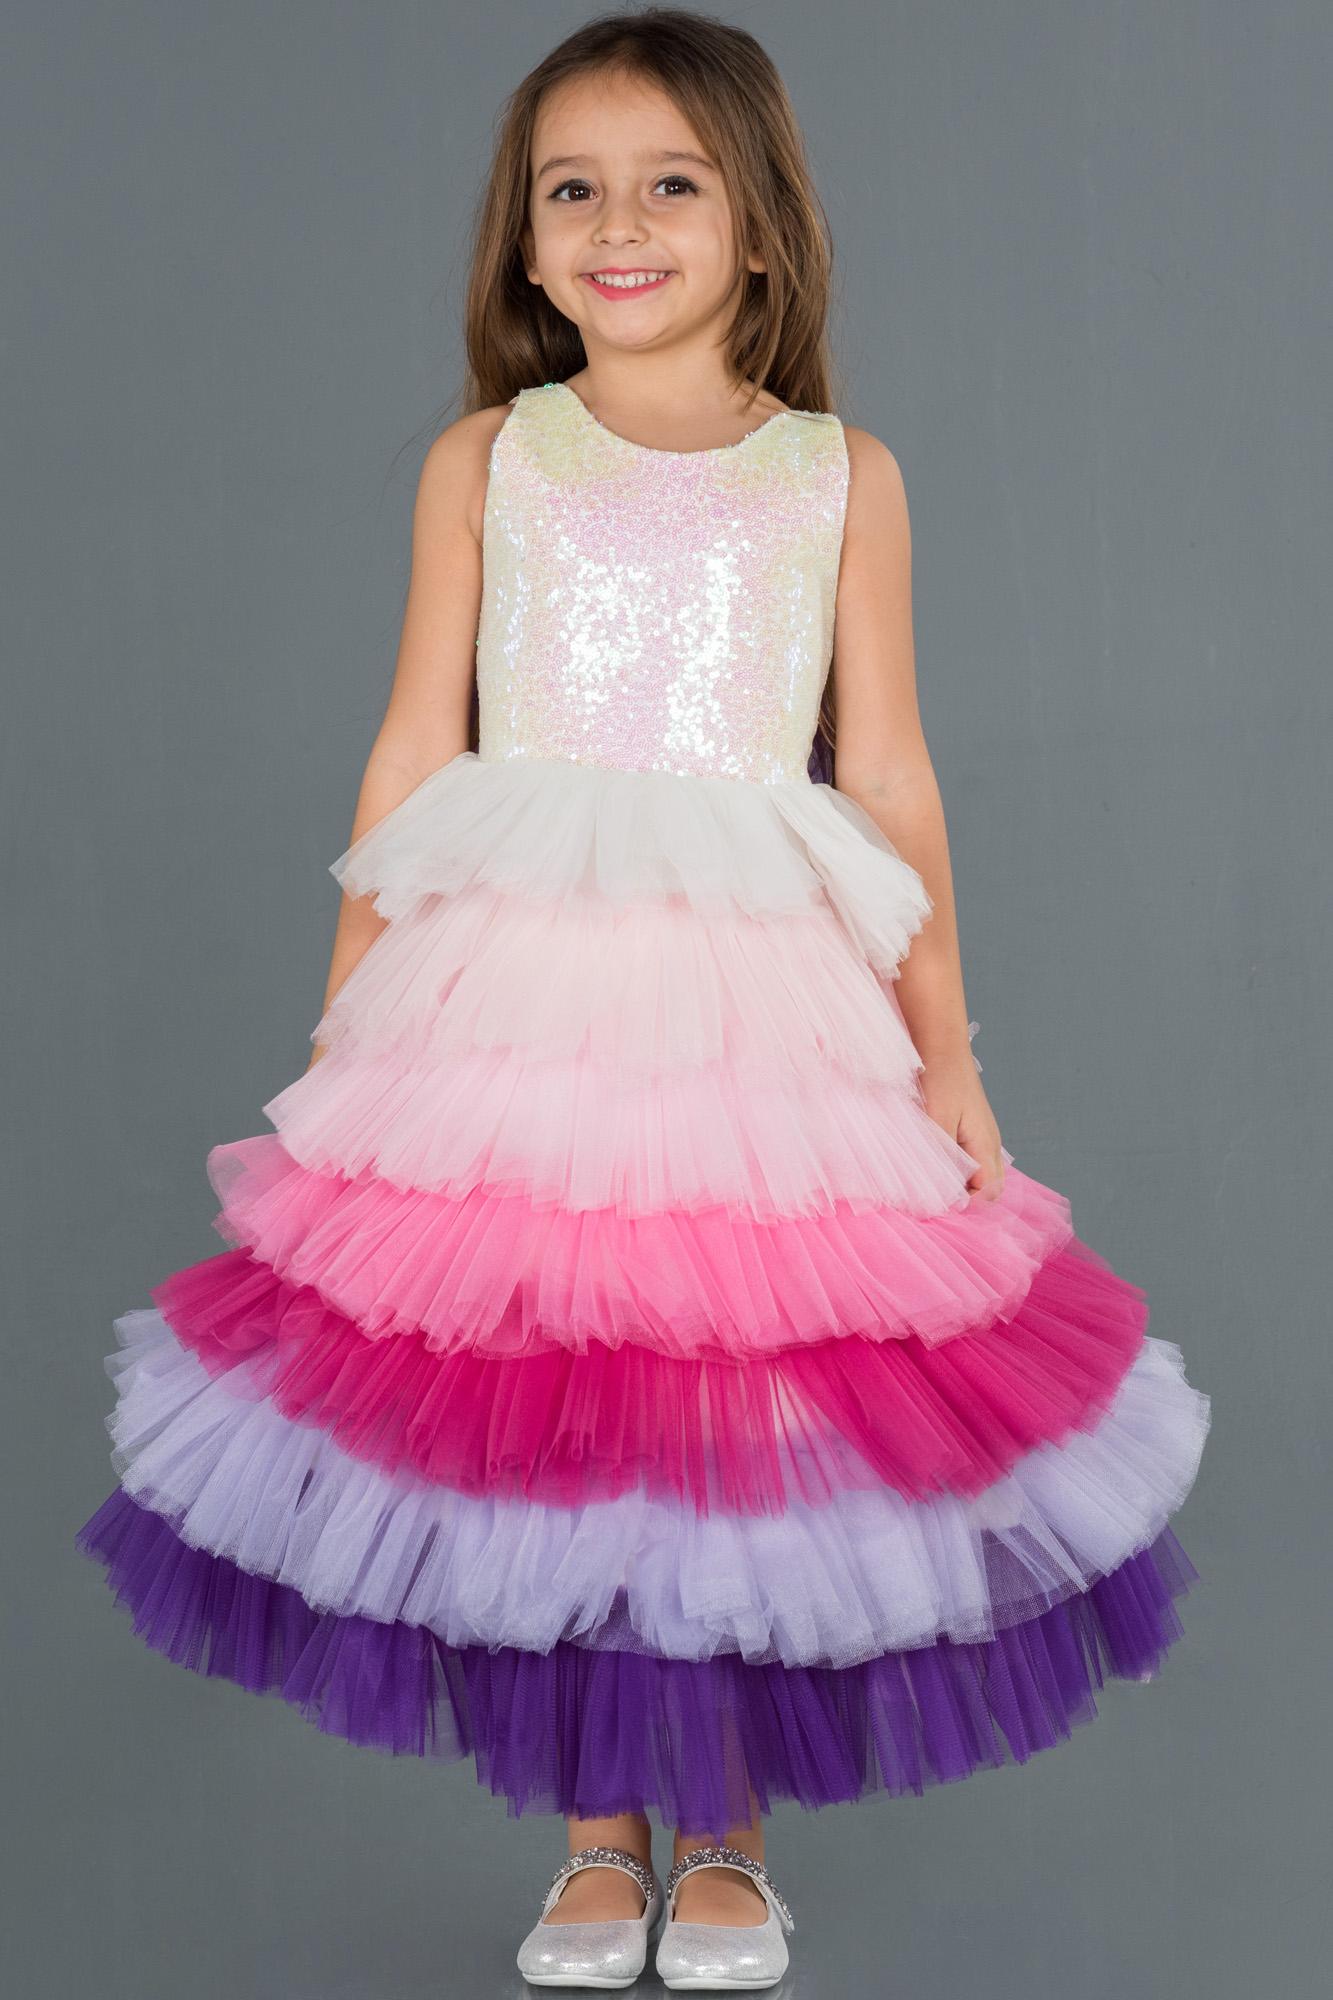 Rins Etekleri Katlı Çocuk Abiye Elbise